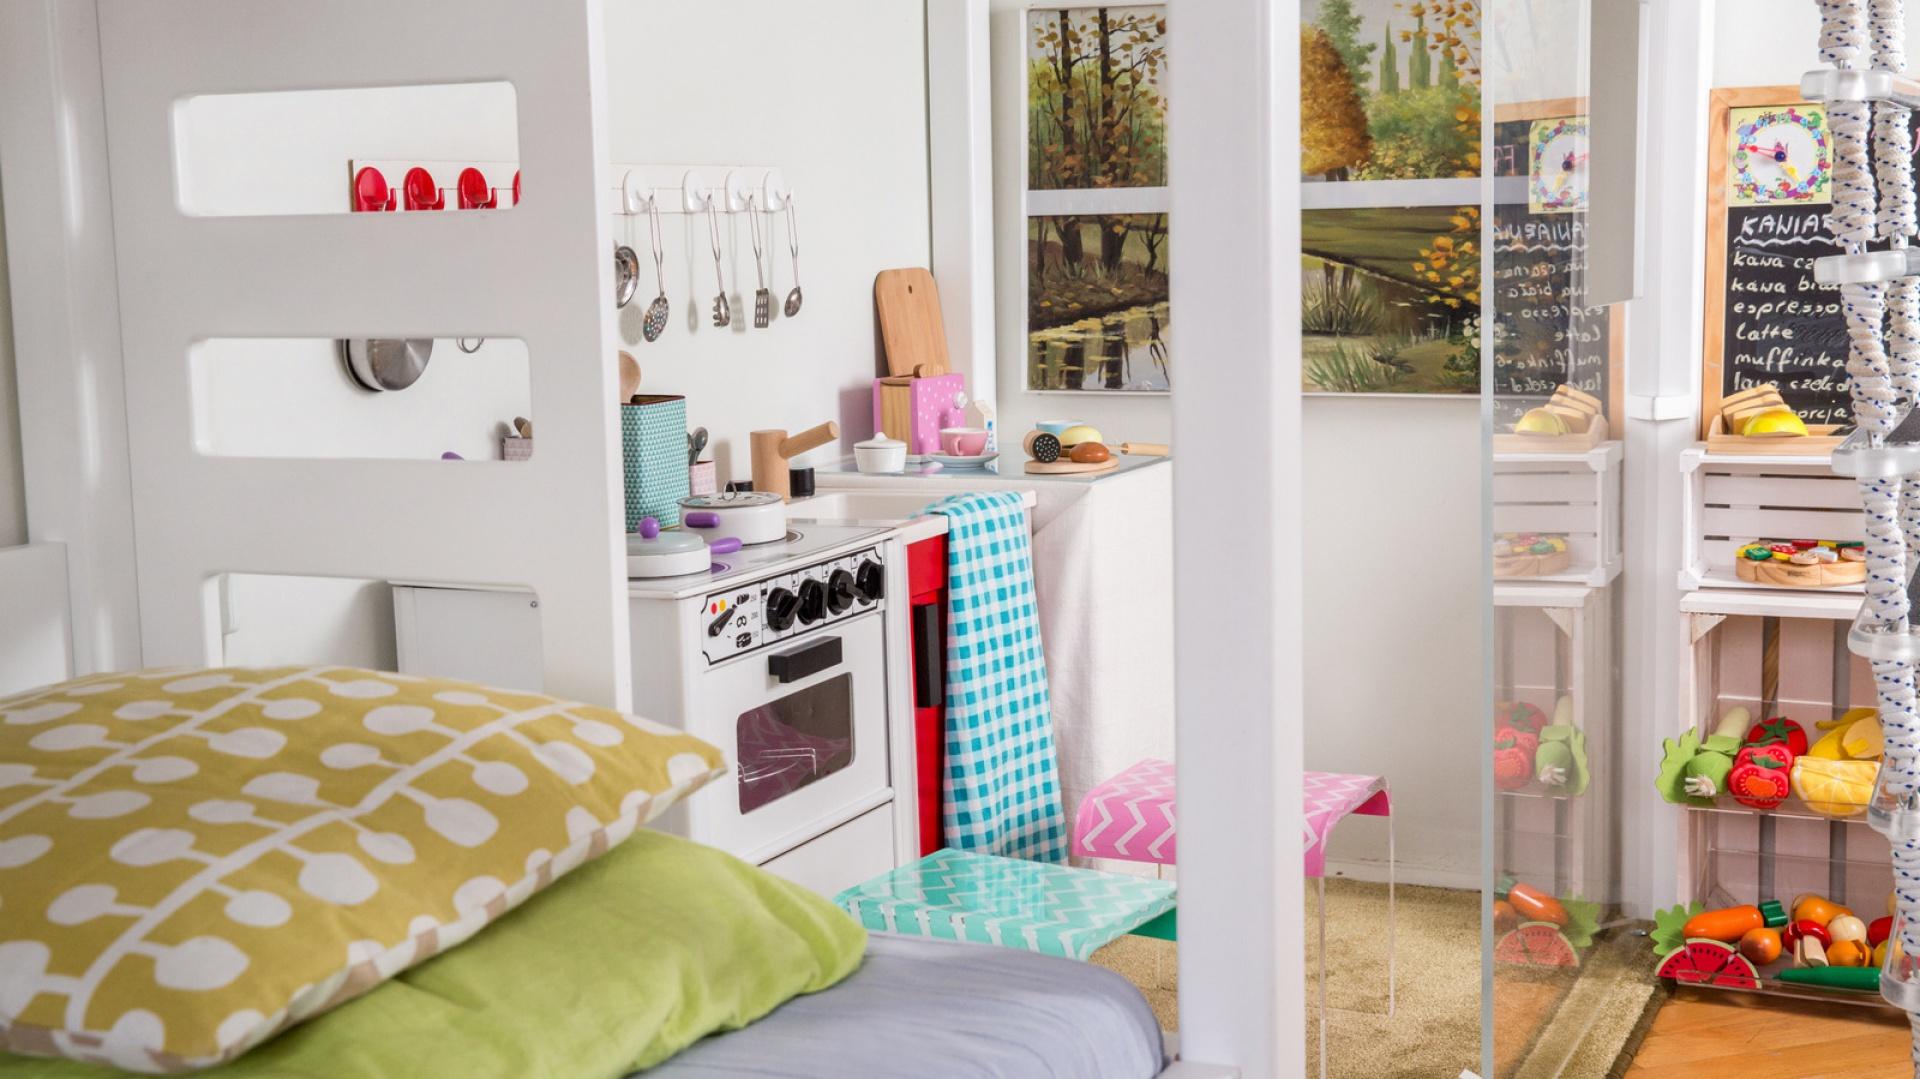 Kuchenkę małej gospodyni wydzielono za pomocą przezroczystych ścian z plexi. W ten sposób wyodrębniono miejsce do zabawy, bez tworzenia sztucznych podziałów pomieszczenia. Fot. Uccoi.